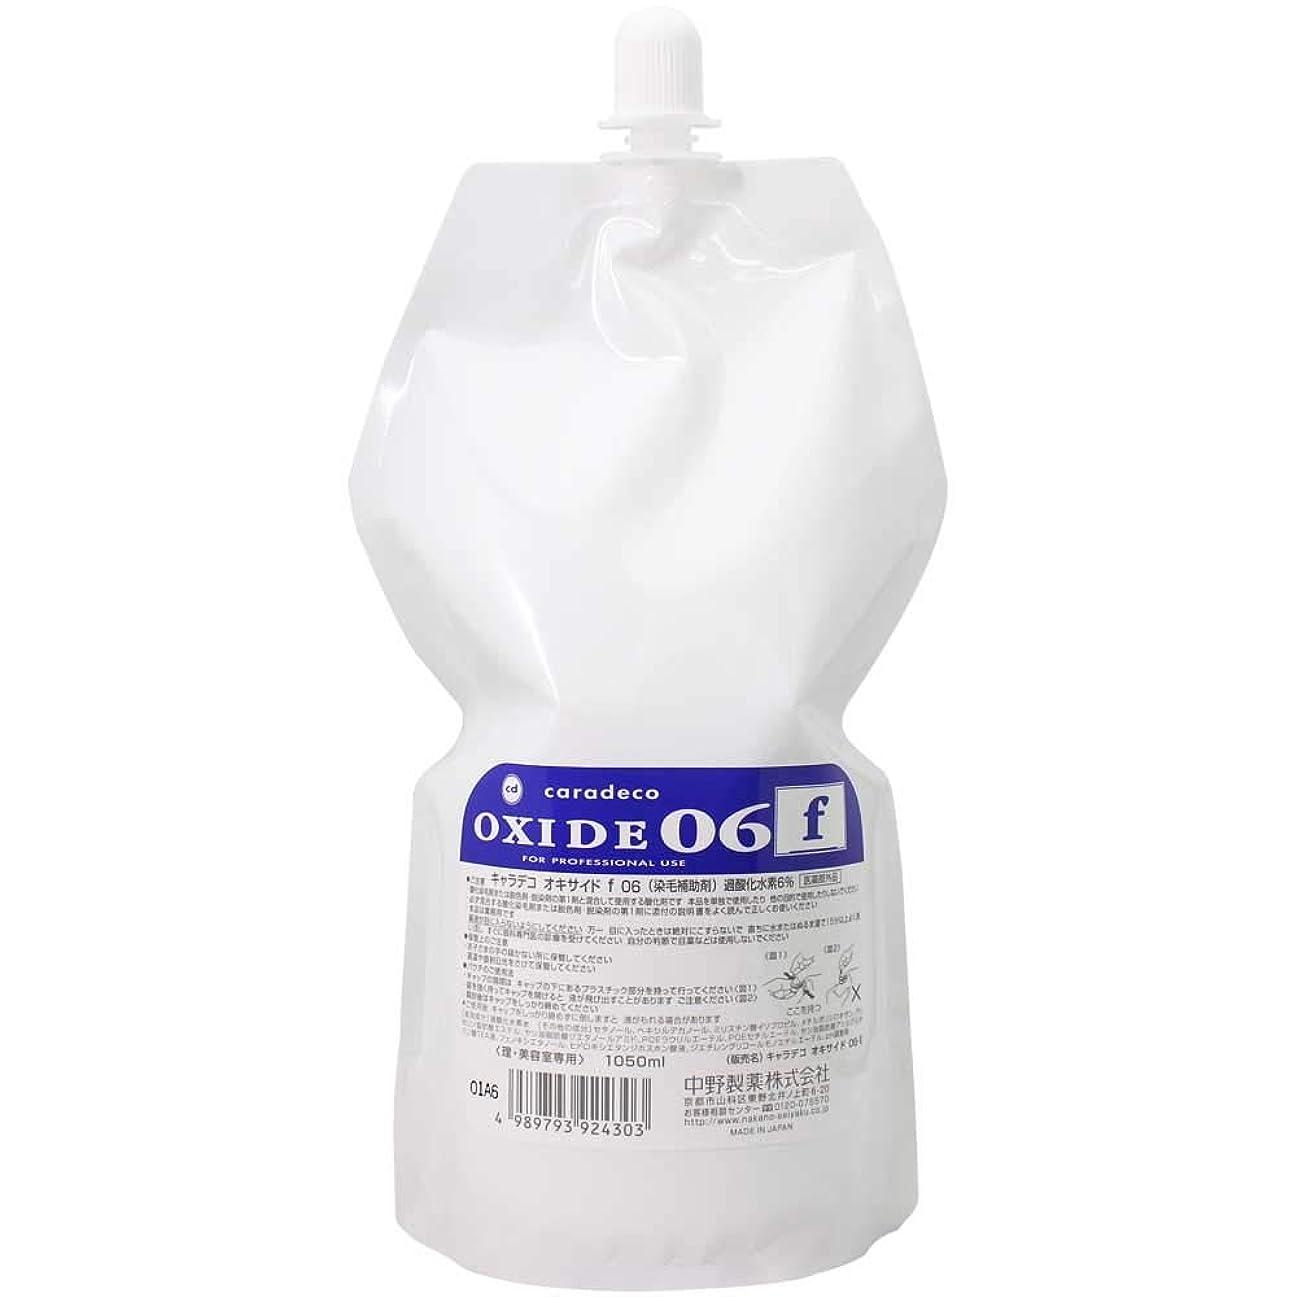 好み見出しはっきりしない【ナカノ】キャラデコ オキサイドf 06 第2剤 (過酸化水素6%) 1050ml